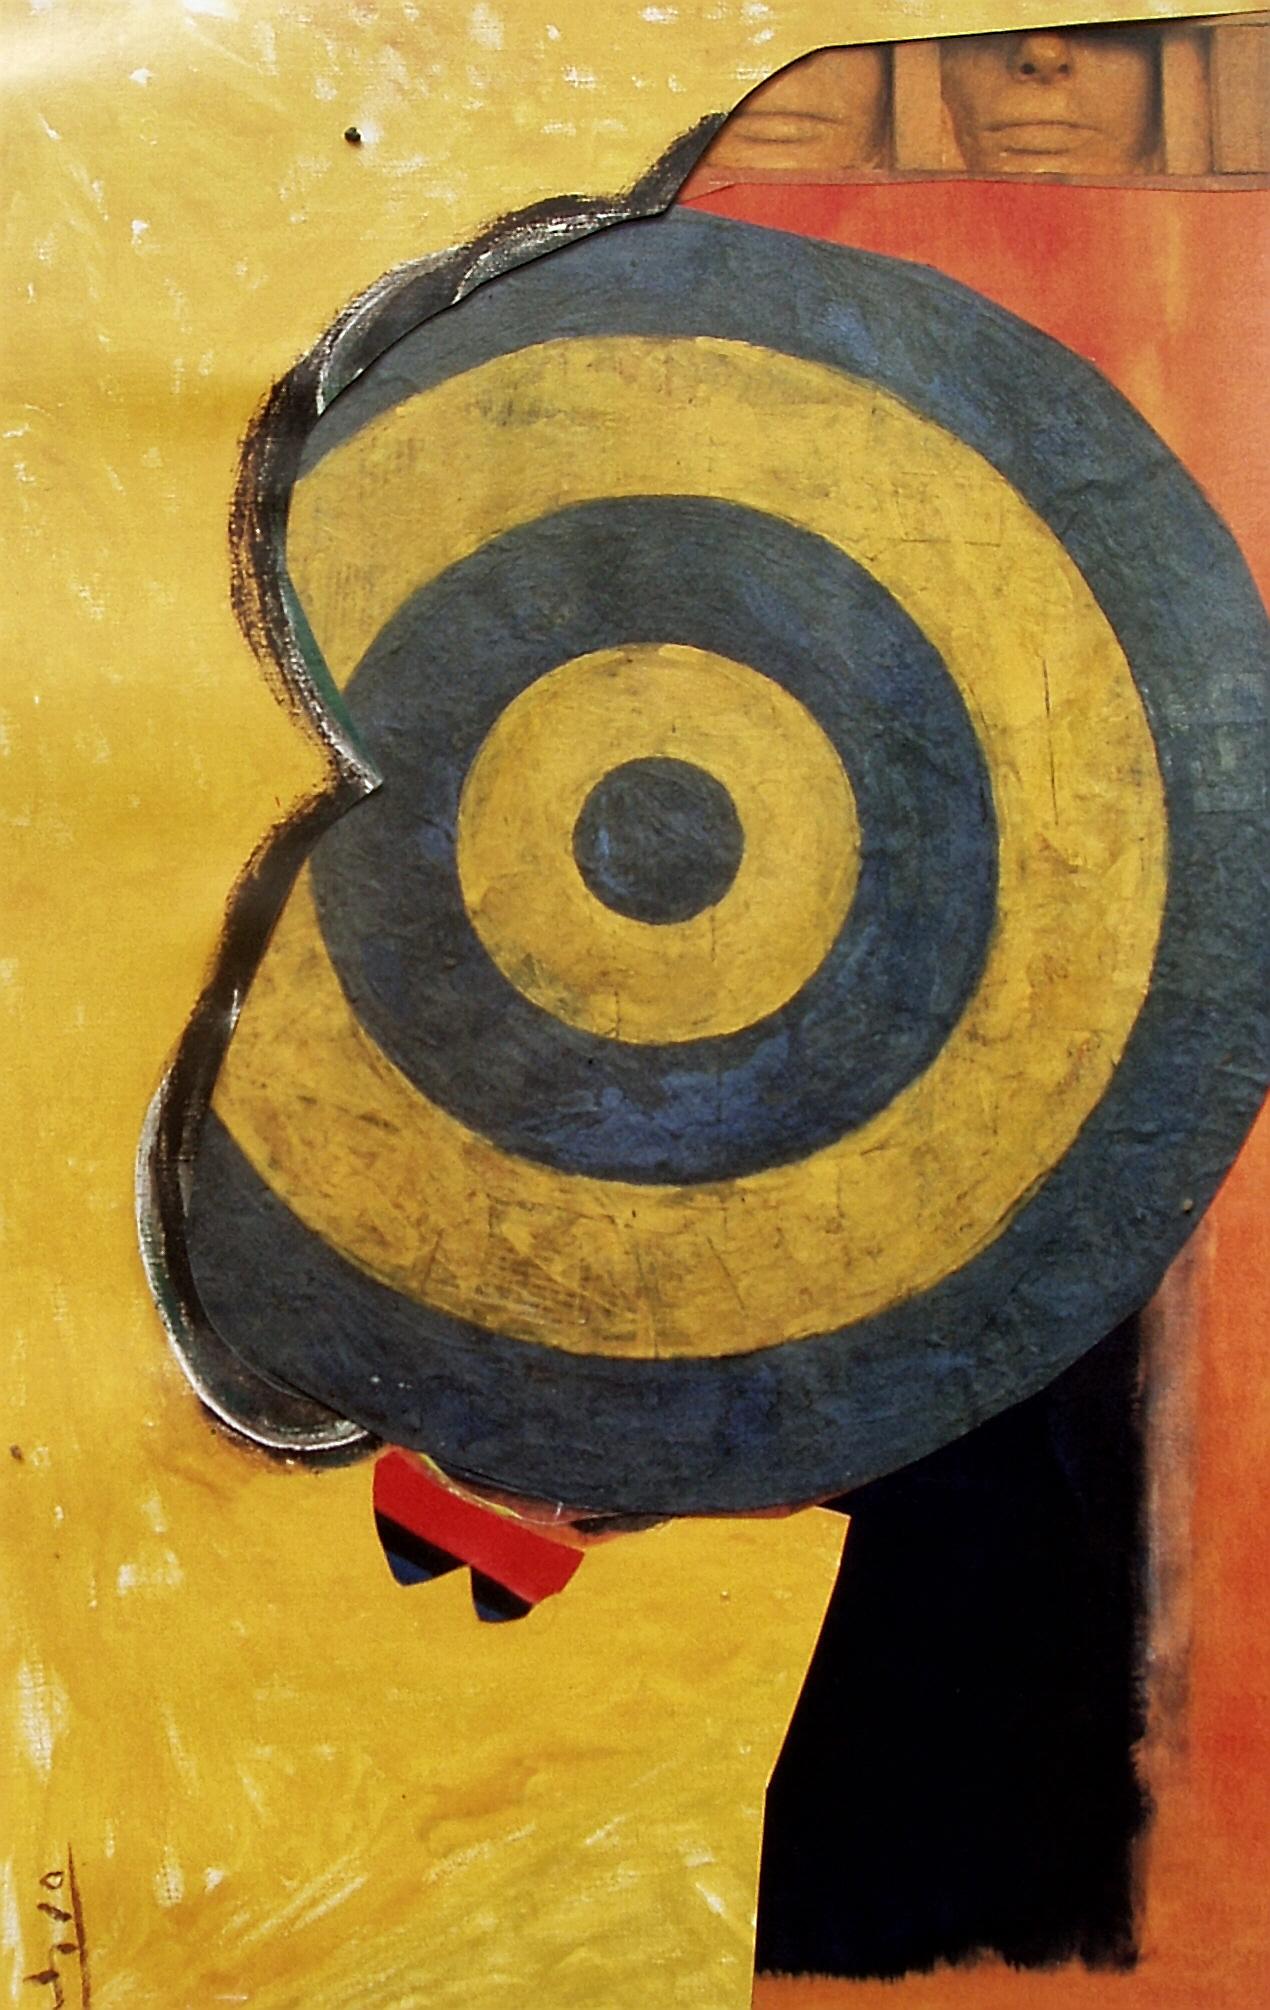 bullseye #10 gertrude abramson